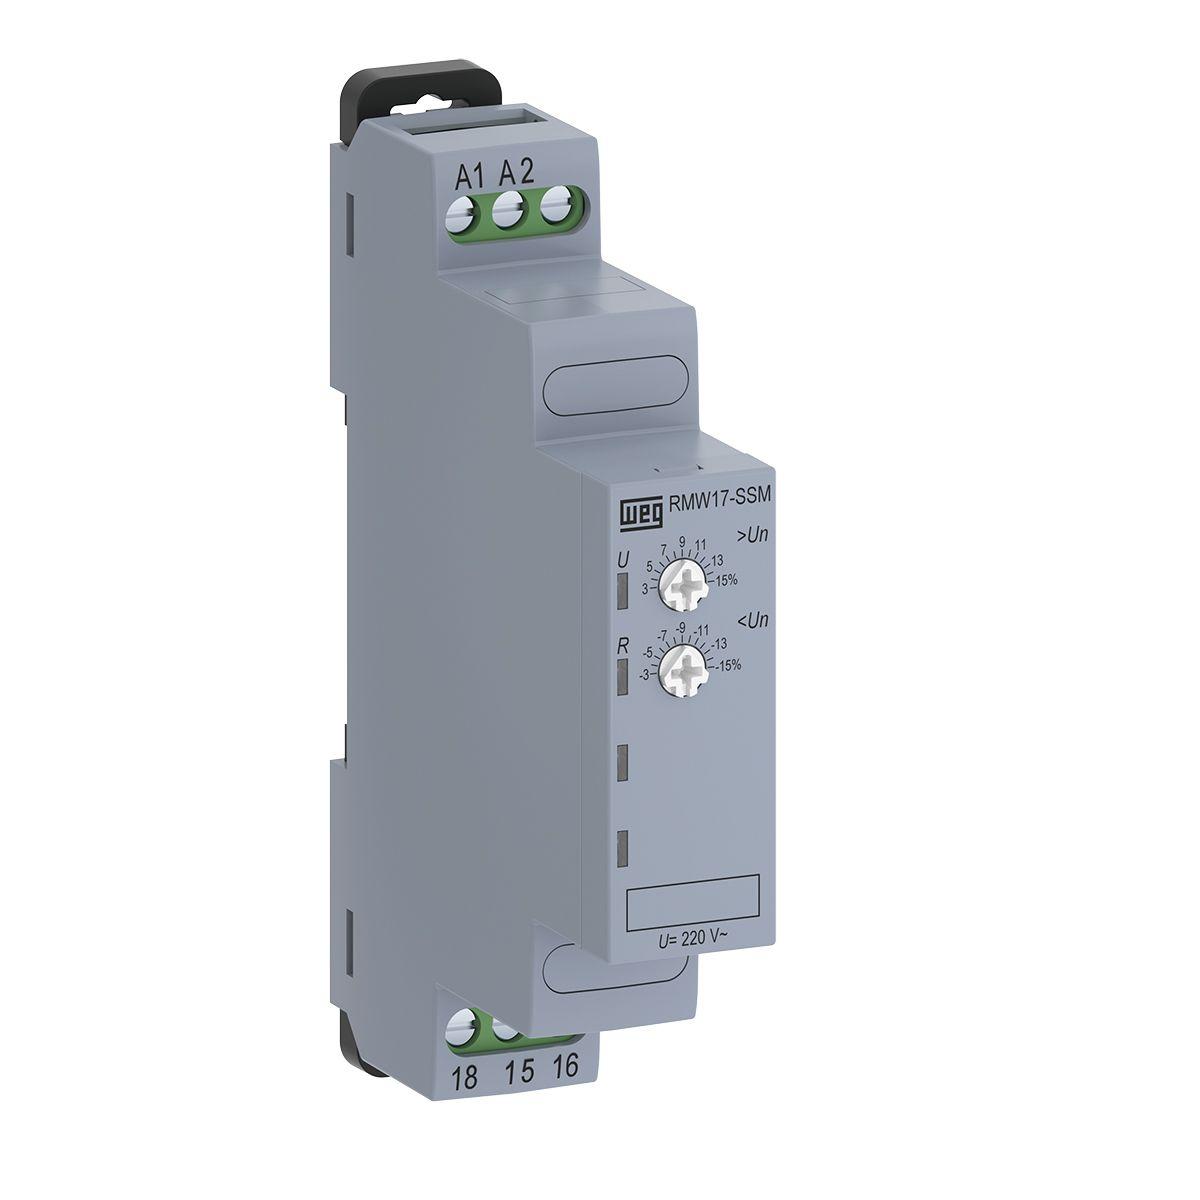 Relé Monitoração Sub e Sobretensão Mono 220V RMW17-SSM WEG